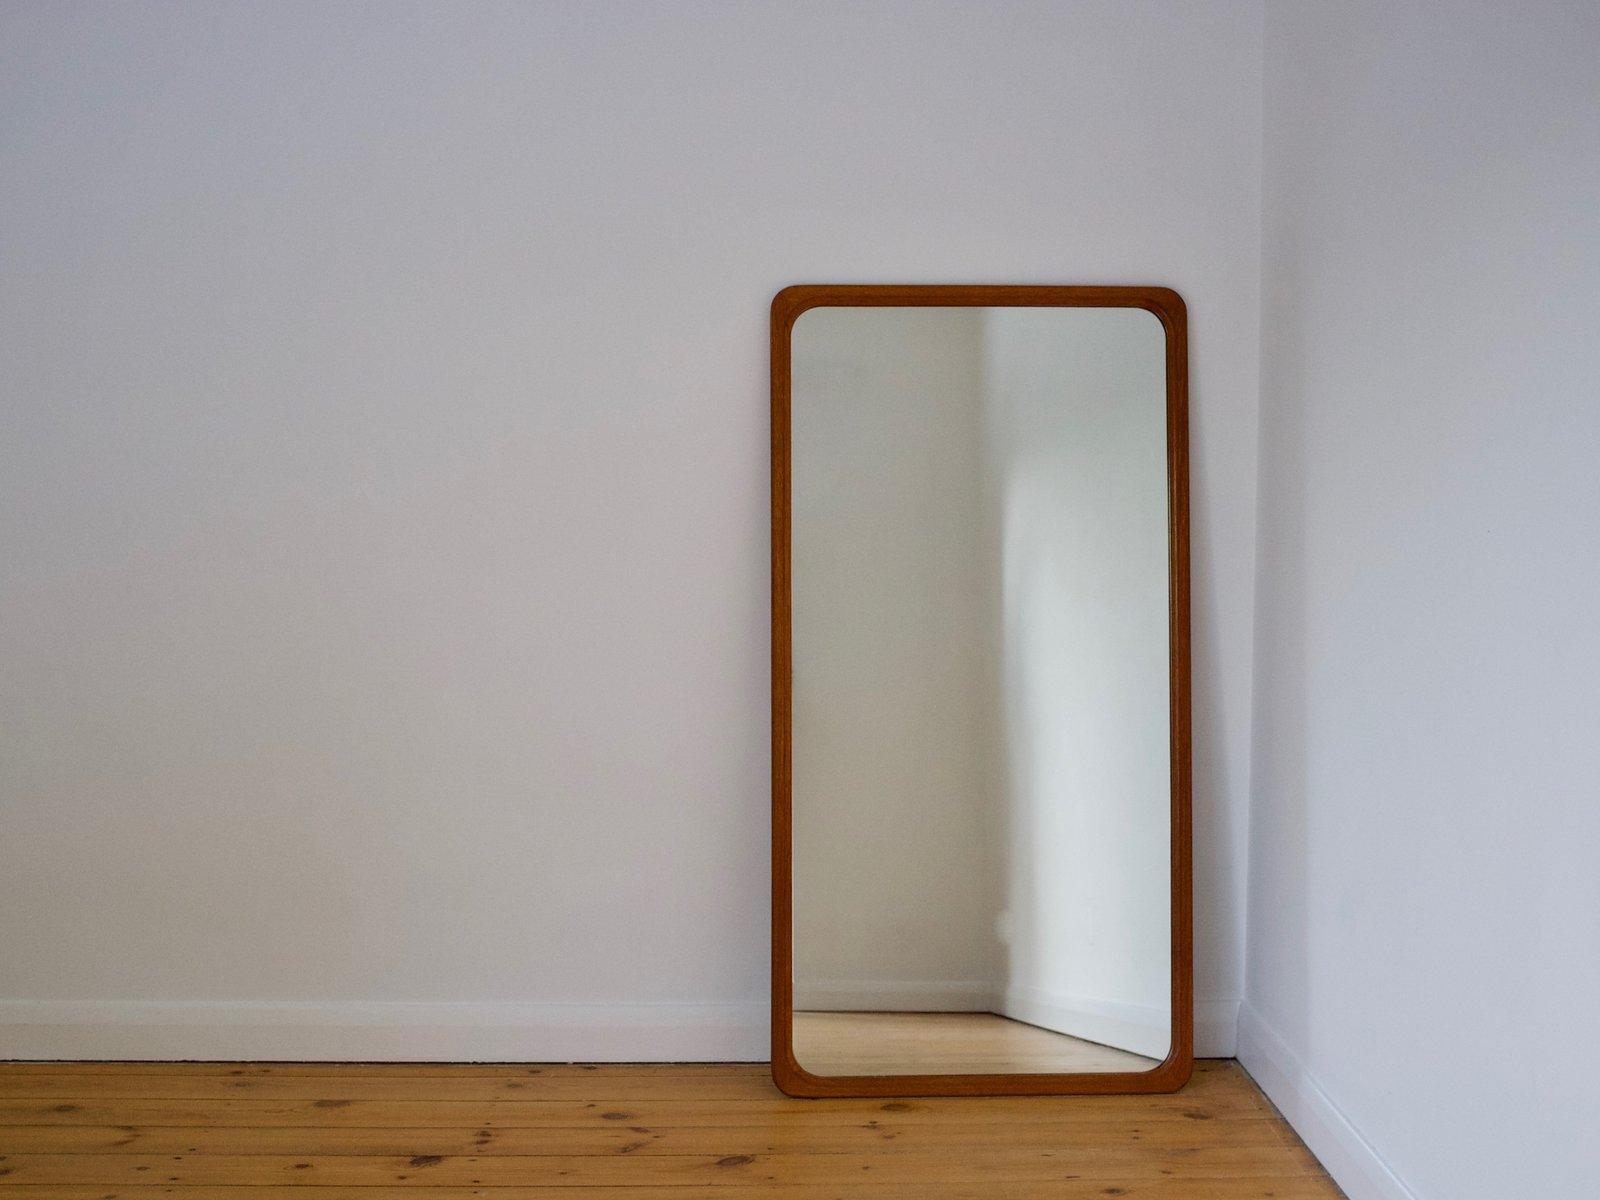 gro er d nischer wandspiegel mit teak rahmen 1960er bei pamono kaufen. Black Bedroom Furniture Sets. Home Design Ideas